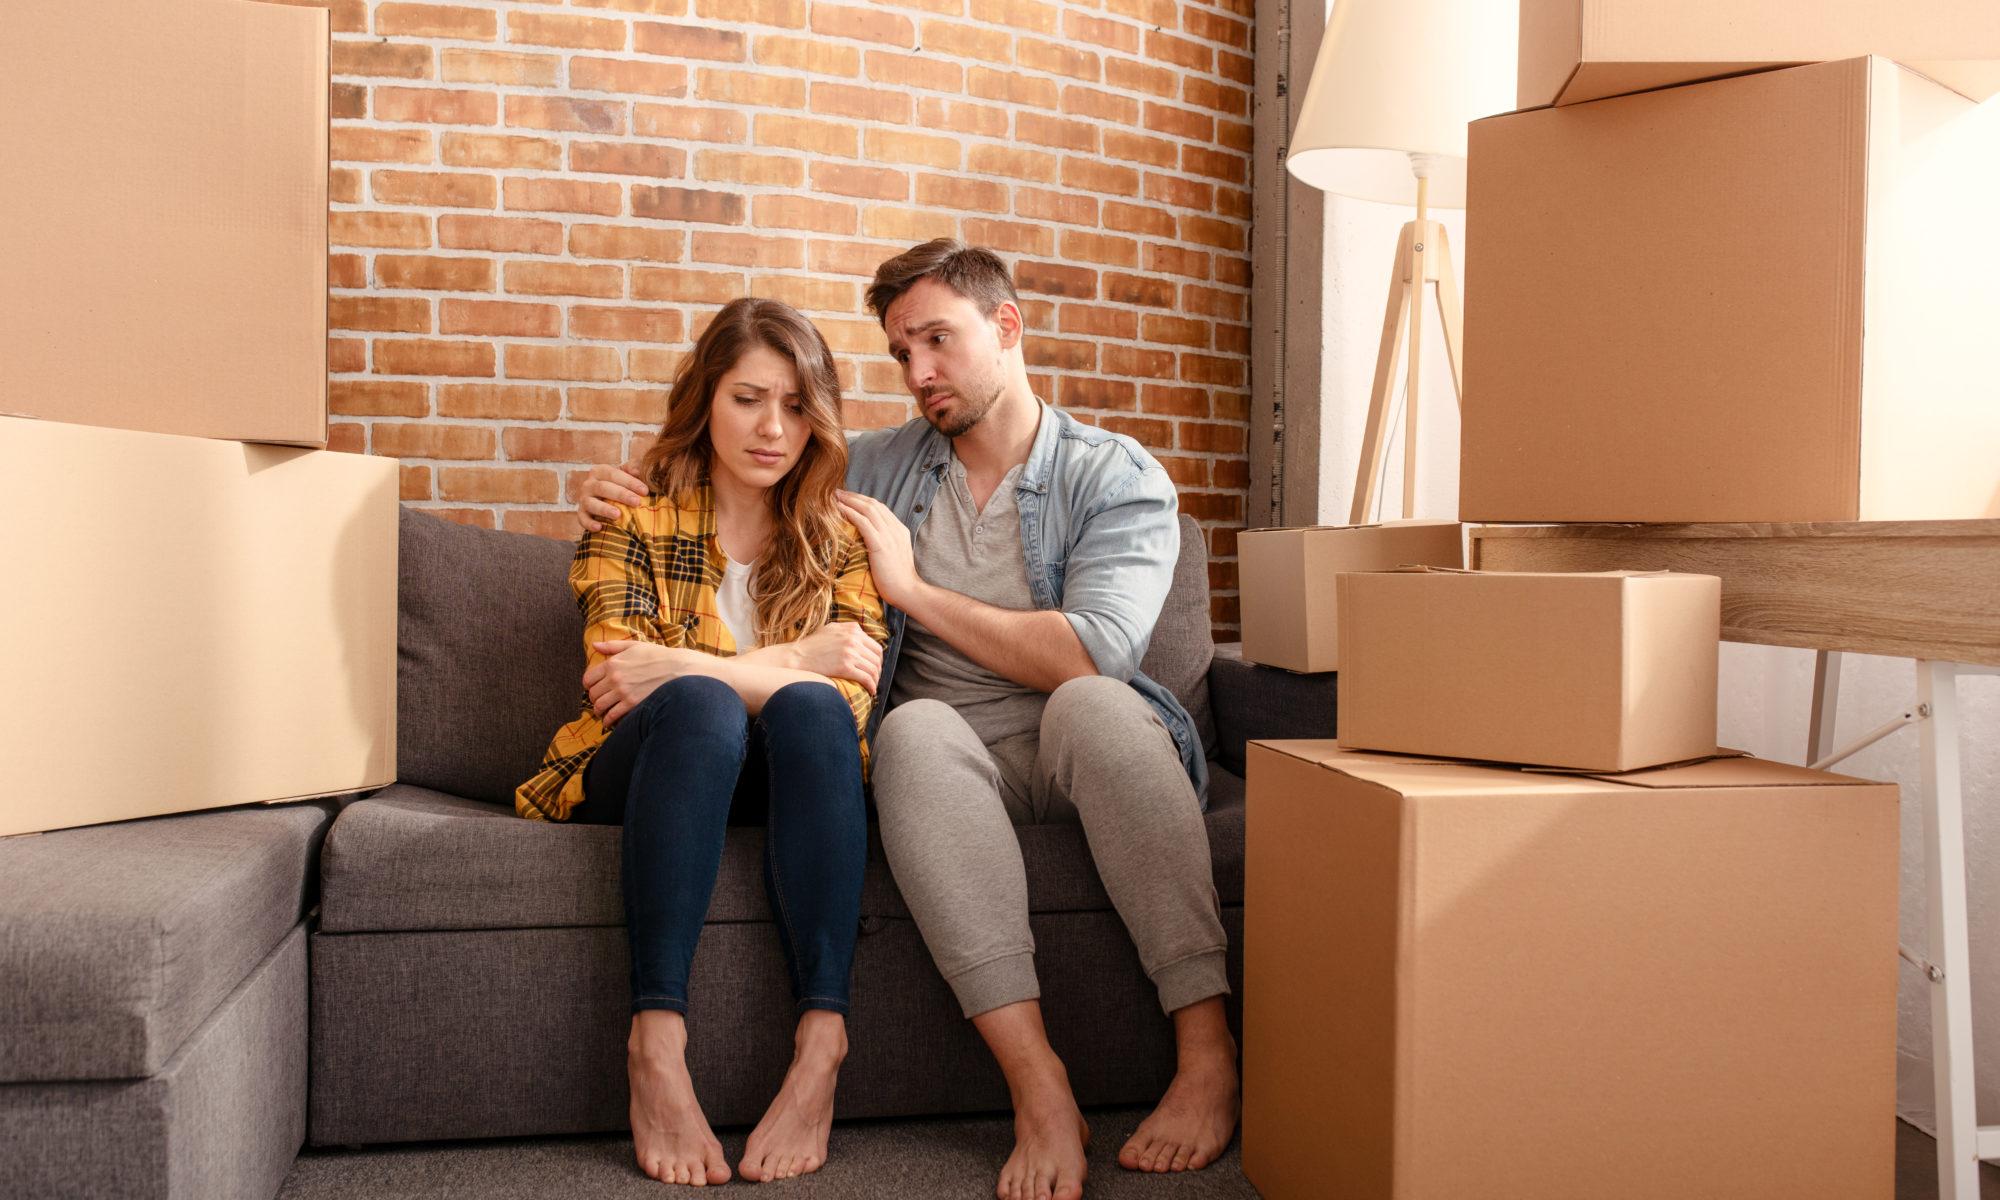 AdobeStock 304864471 2000x1200 - Hartz IV: Wenn das Jobcenter zur Senkung der Wohnkosten auffordert